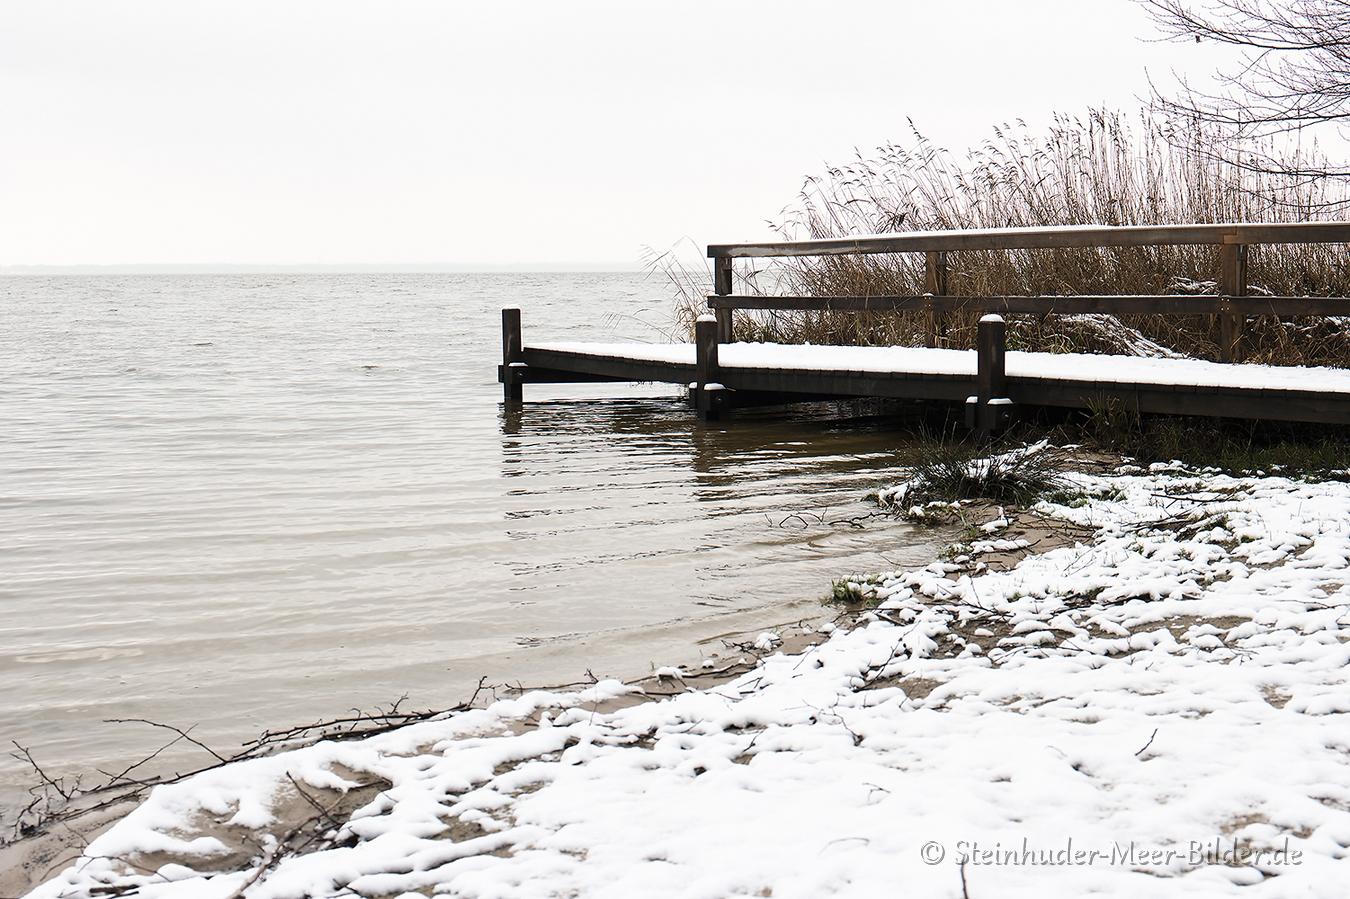 mardorf-winter-steinhuder-meer-eis-schnee-zugefroren-eisdecke-naturpark-naturraum-region-A_SAM0421